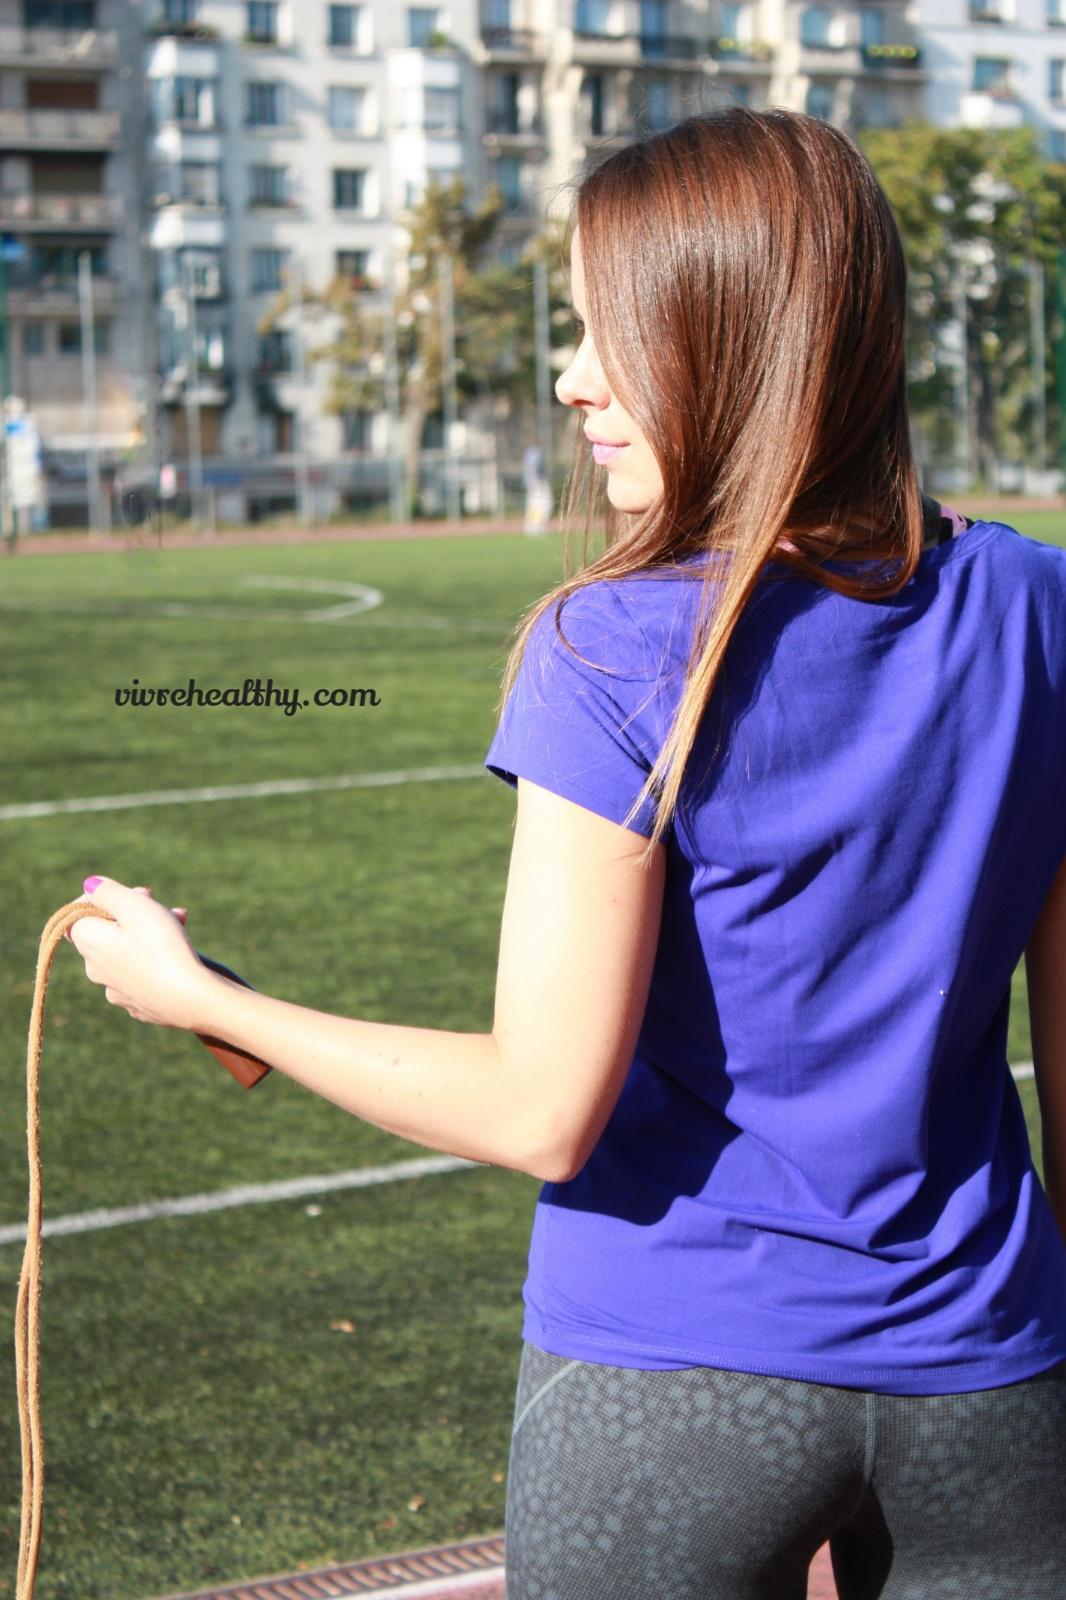 La corde à sauter, un exercice complet